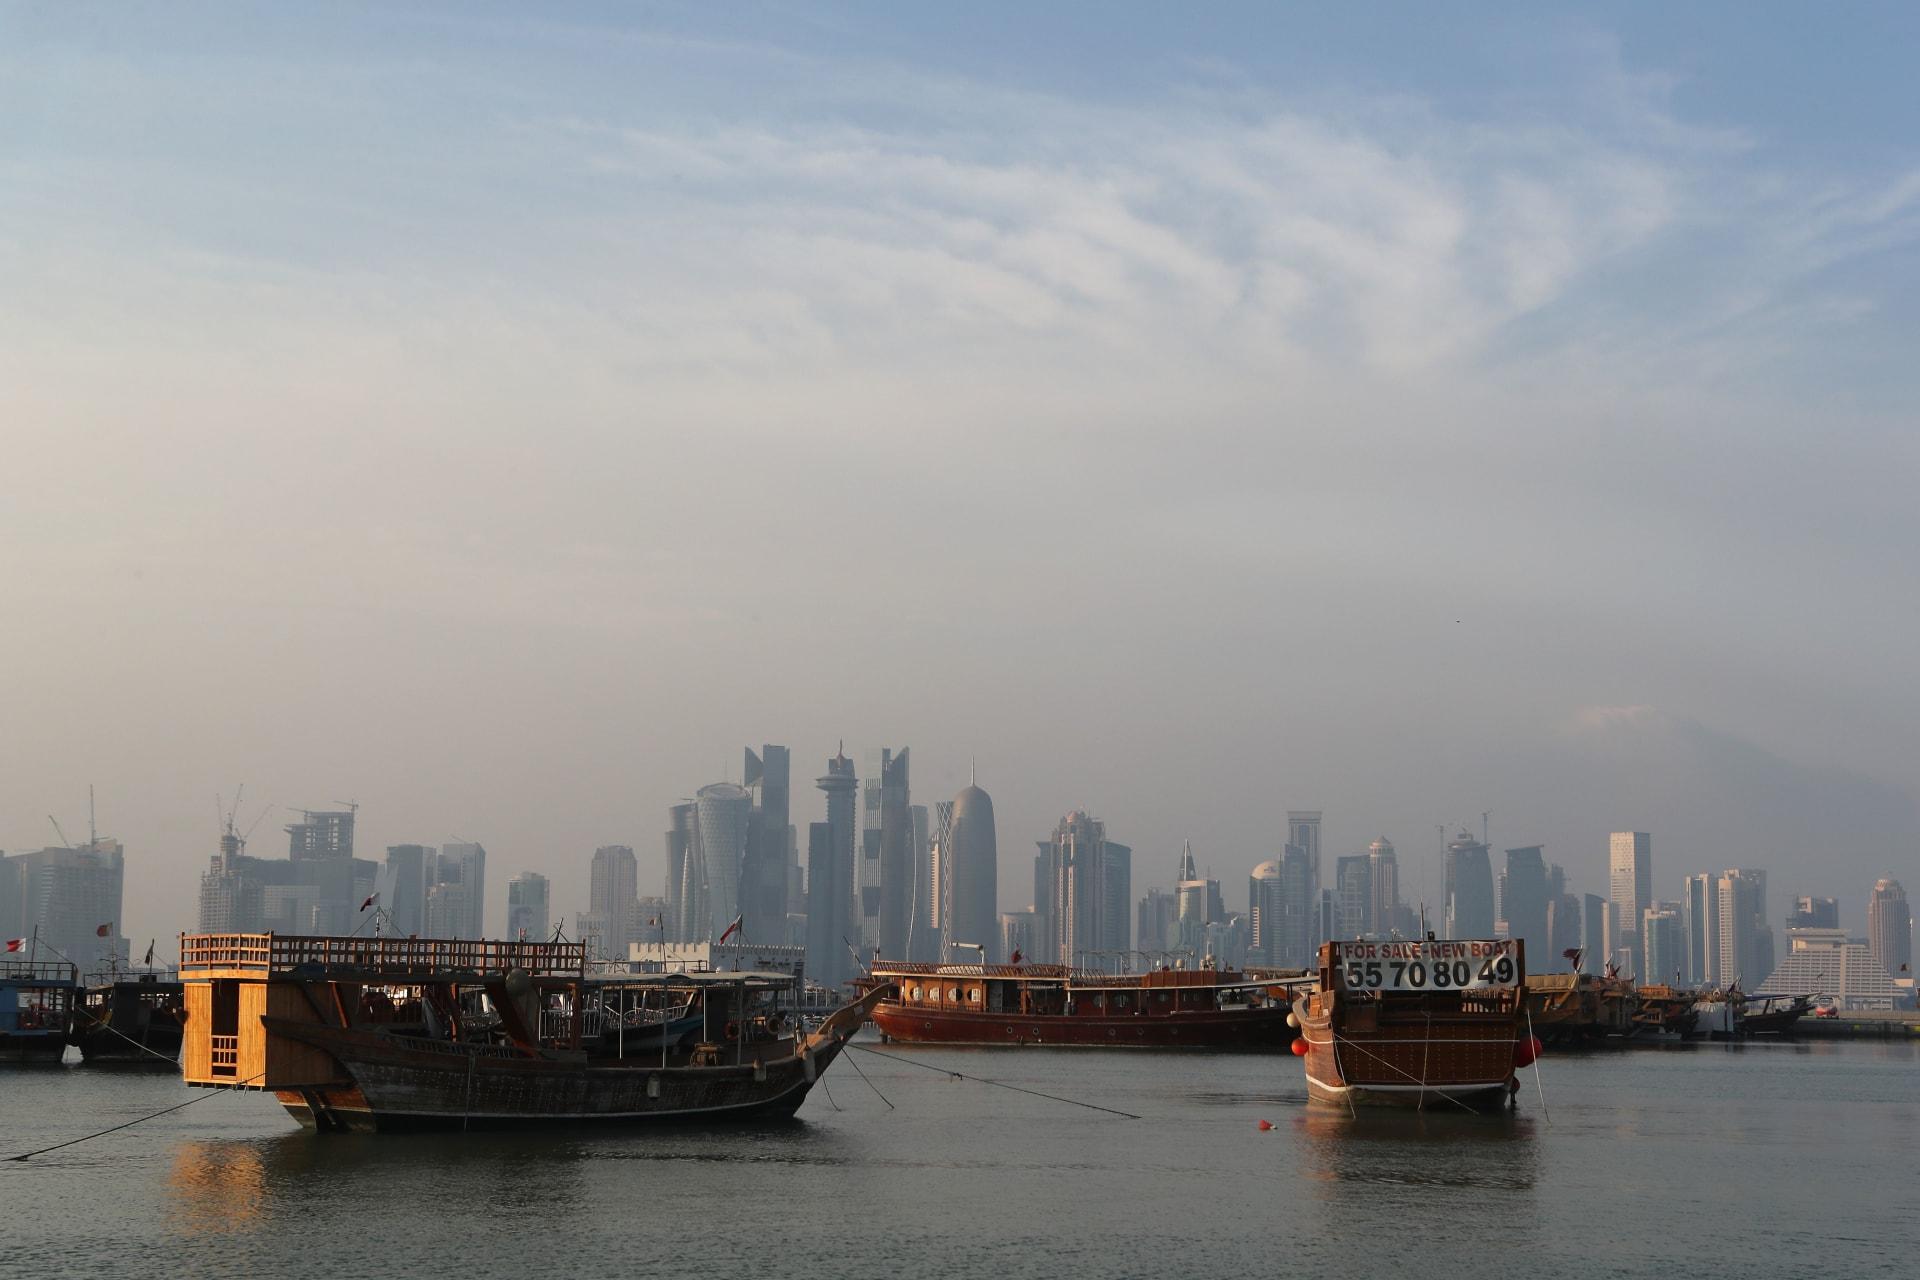 بعد الزيارة القطرية لطهران.. جولة لمسؤول إيراني رفيع تشمل الدوحة وعُمان والكويت